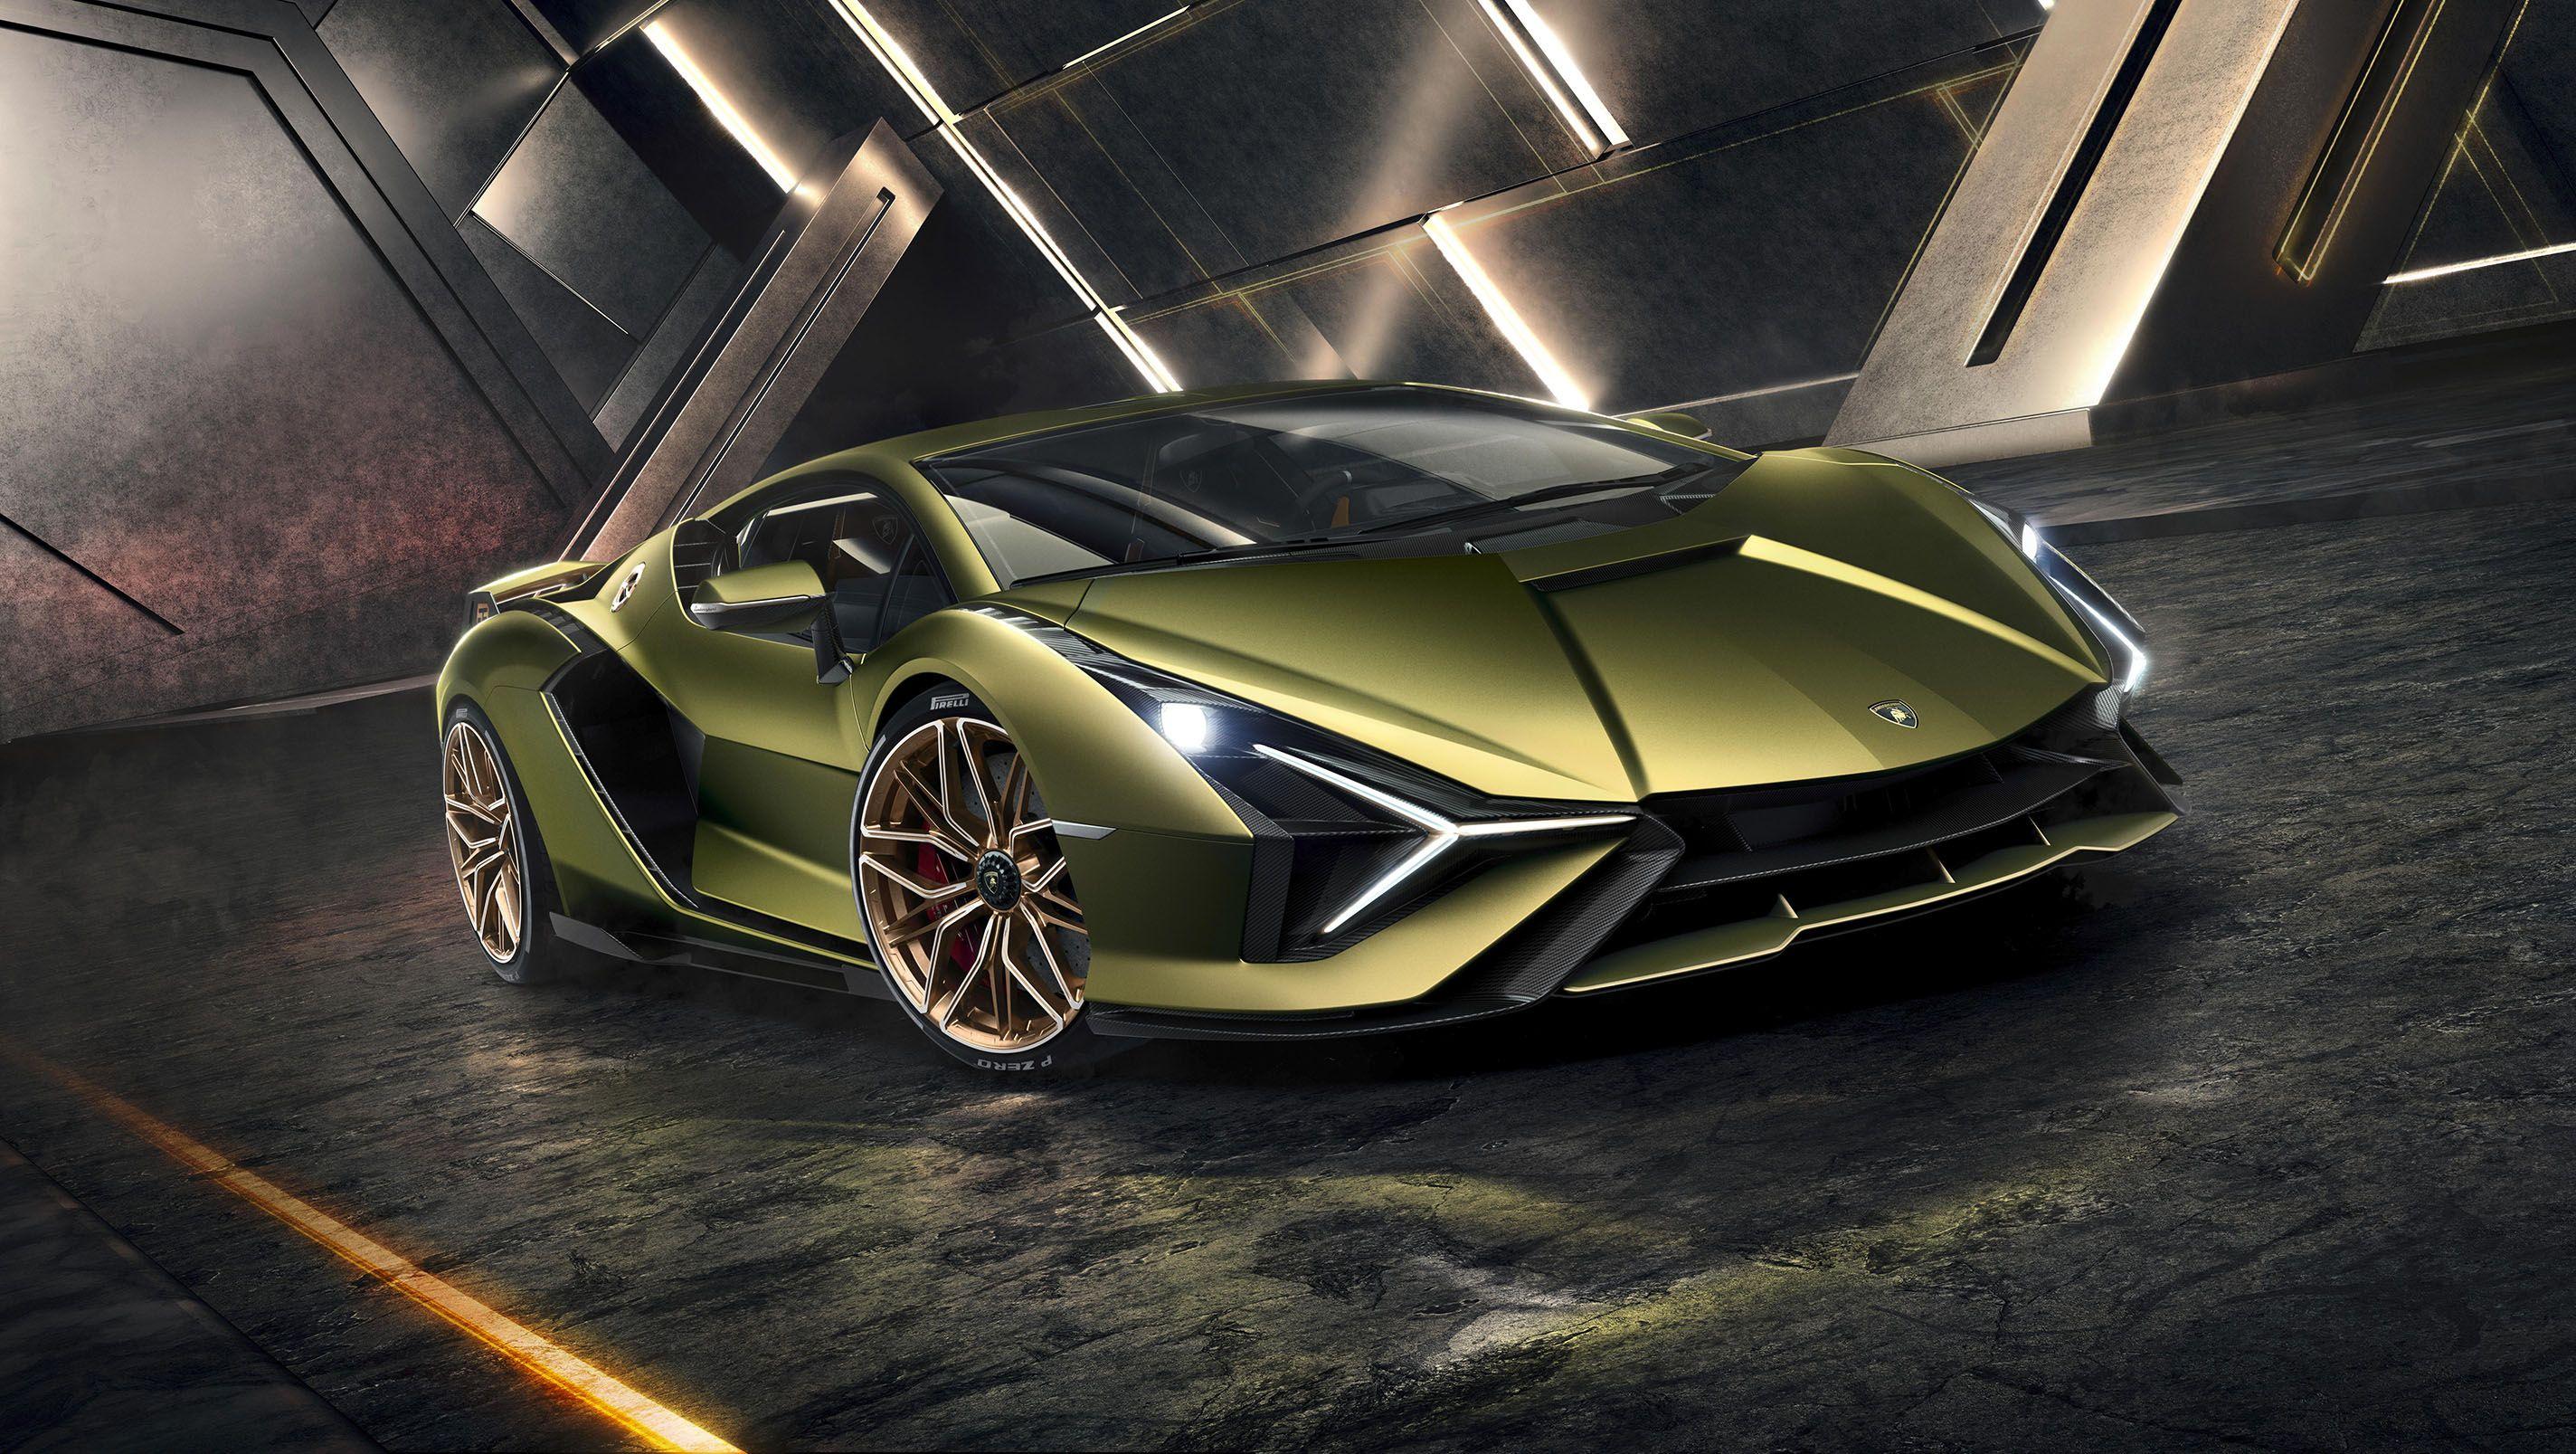 2020 Lamborghini Sián Is an 819-HP V-12 Hybrid Hypercar